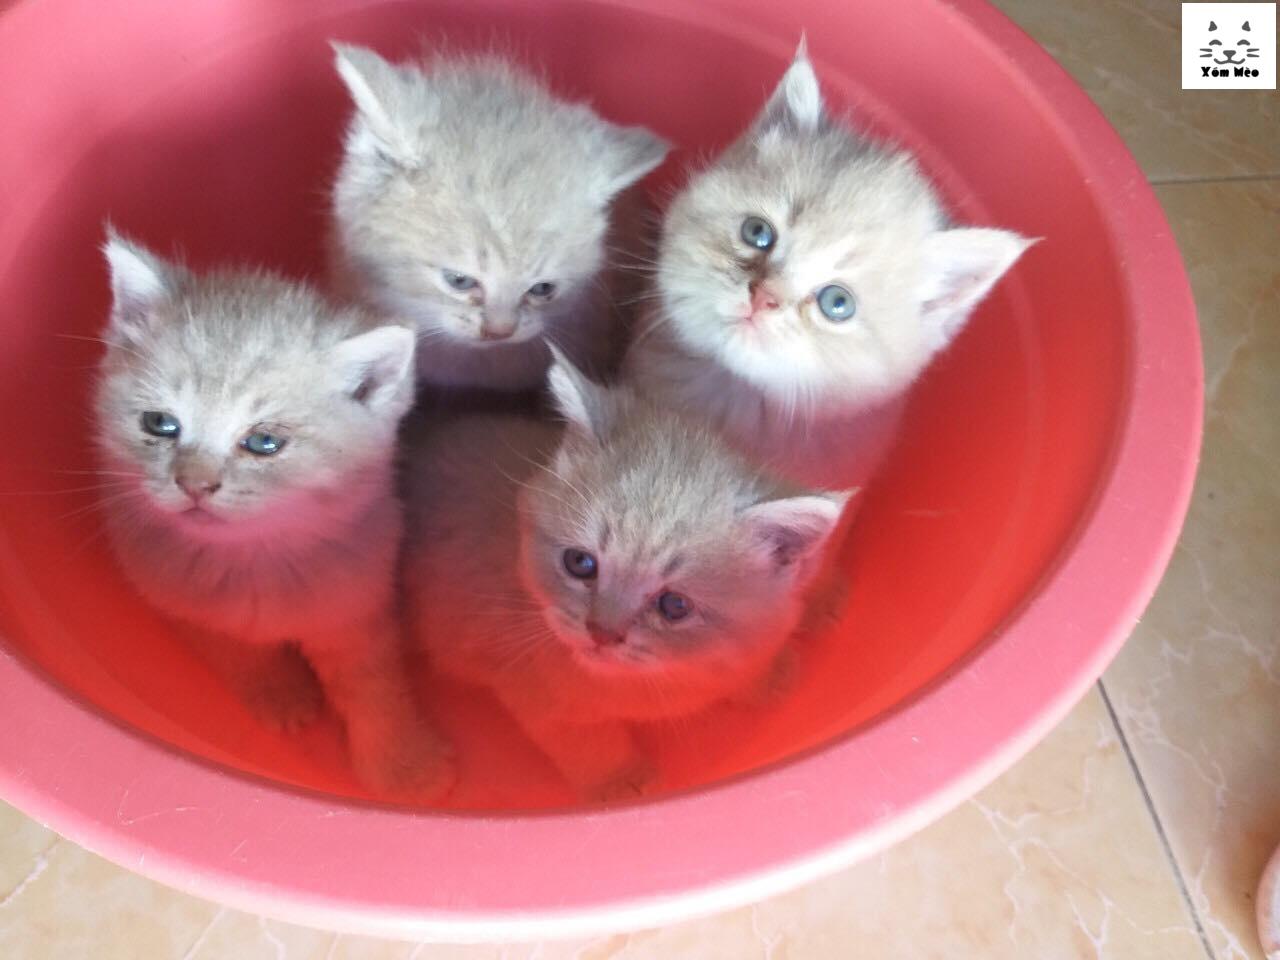 phương pháp dạy mèo anh lông ngắn (aln) british shorthair đi vệ sinh đúng chỗ ở trong nhà